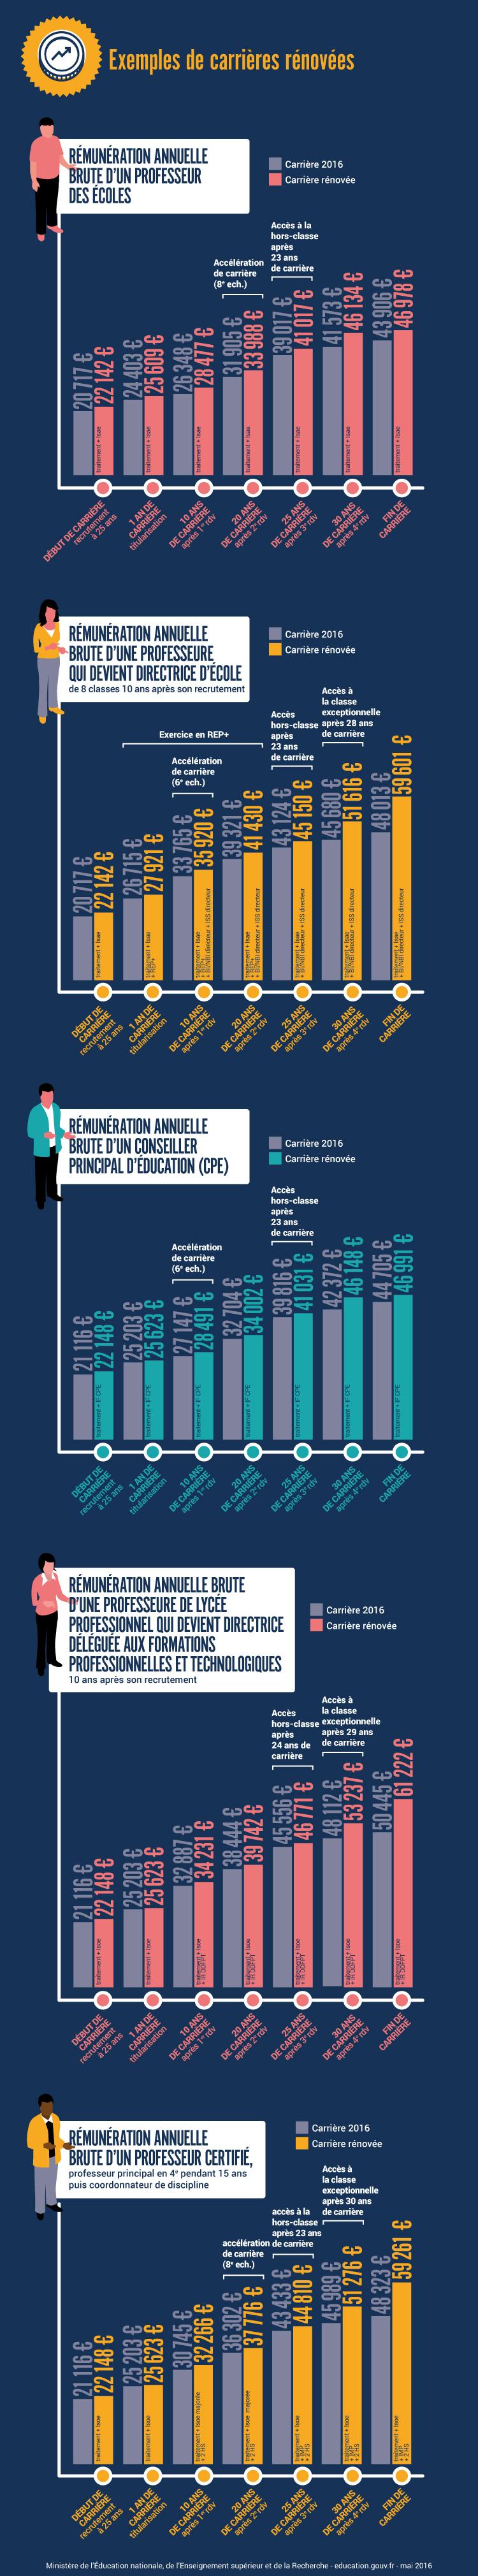 Infographie: exemples de carrières rénovées